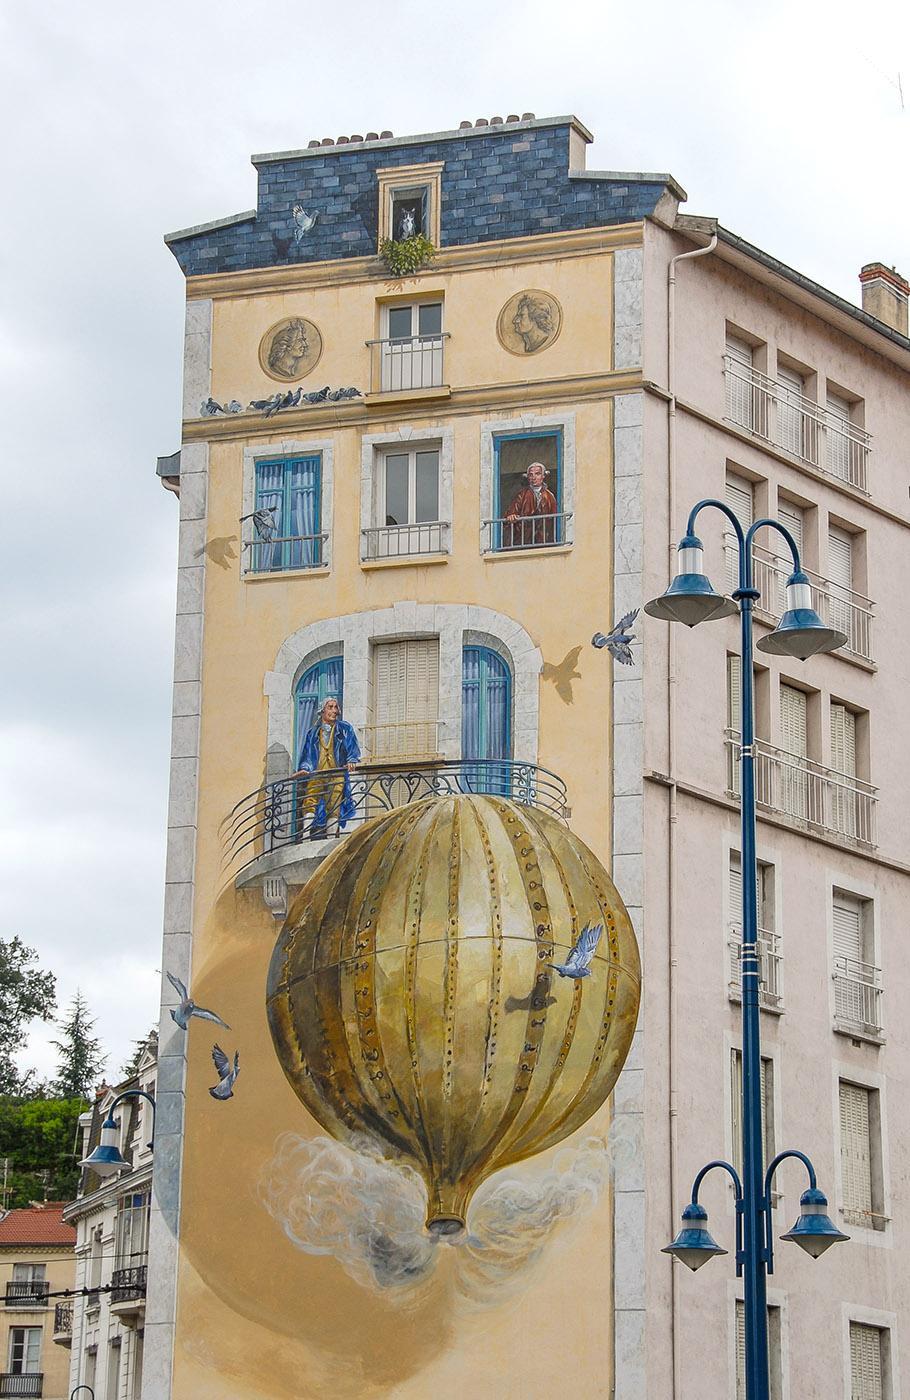 Annonay: Auch ein Wandbild erinnert an den Beginn der Luftfahrt. Foto: Hilke Maunder